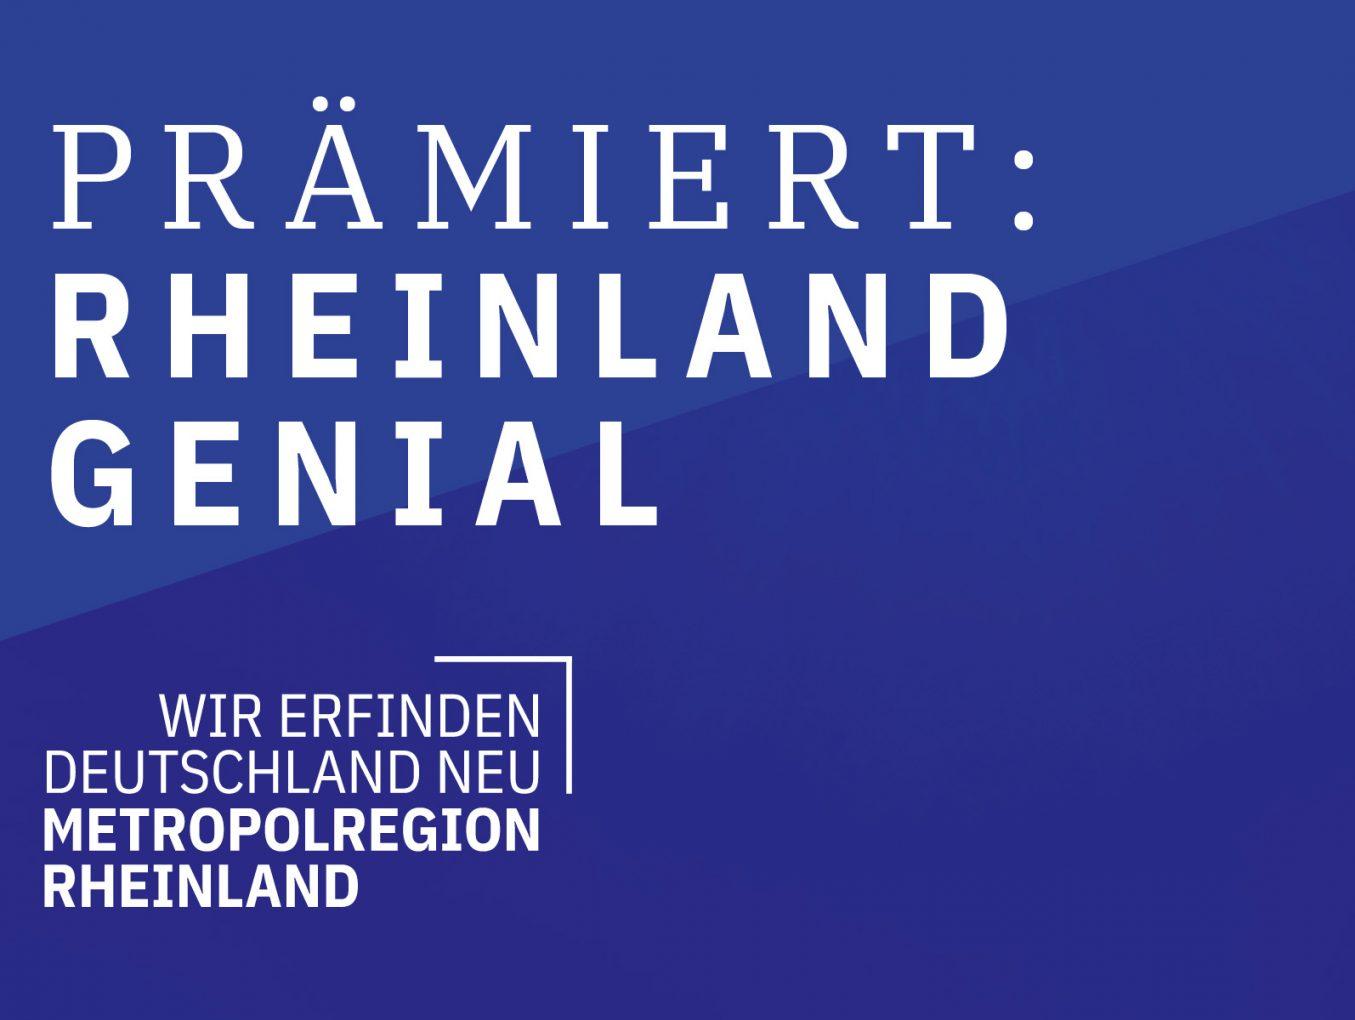 Zwei Aachener Unternehmen erhalten den Innovationspreis Rheinland Genial